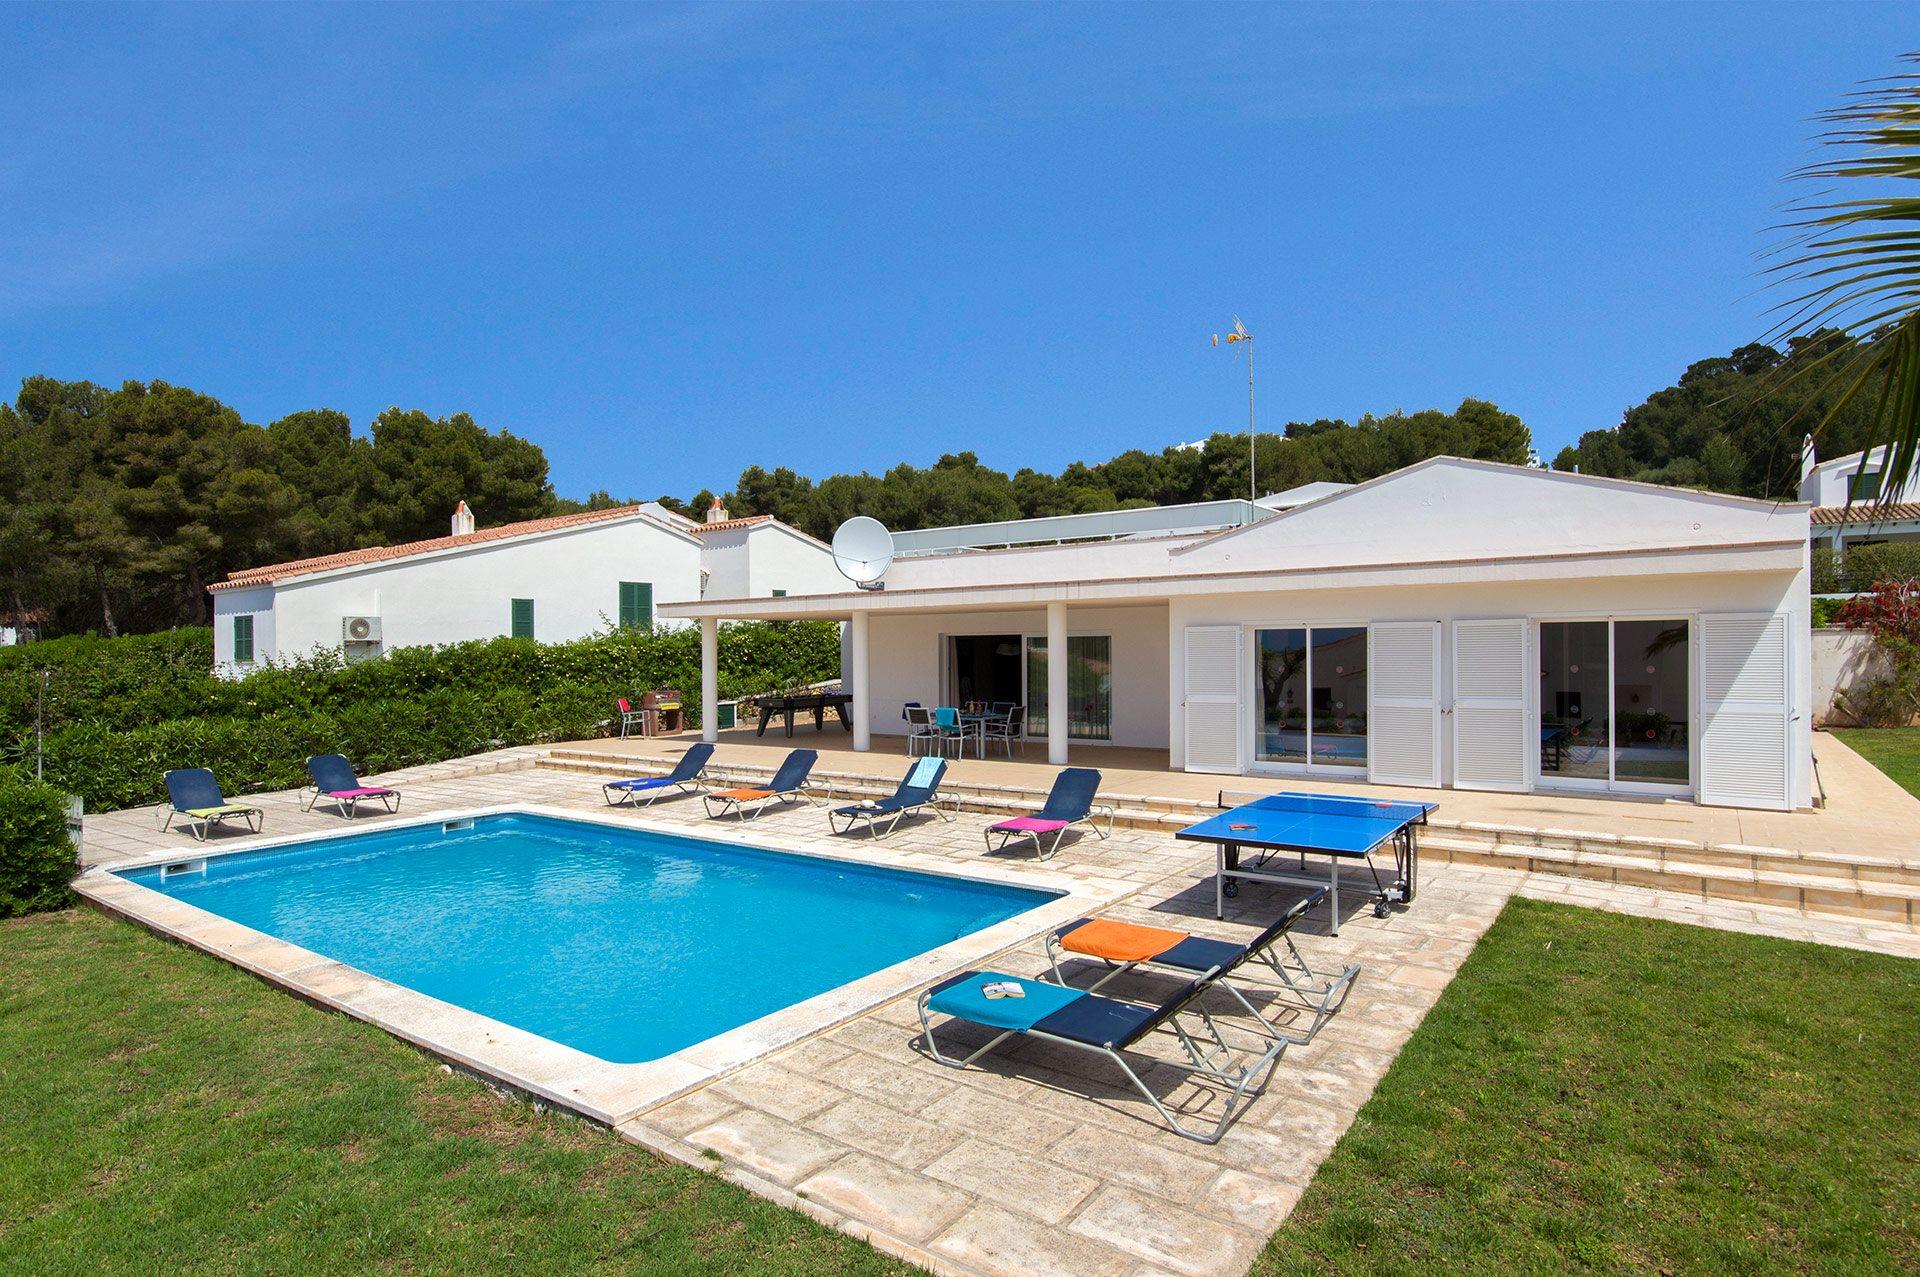 Villa Lola Tomas, Santo Tomas, Menorca, Spain